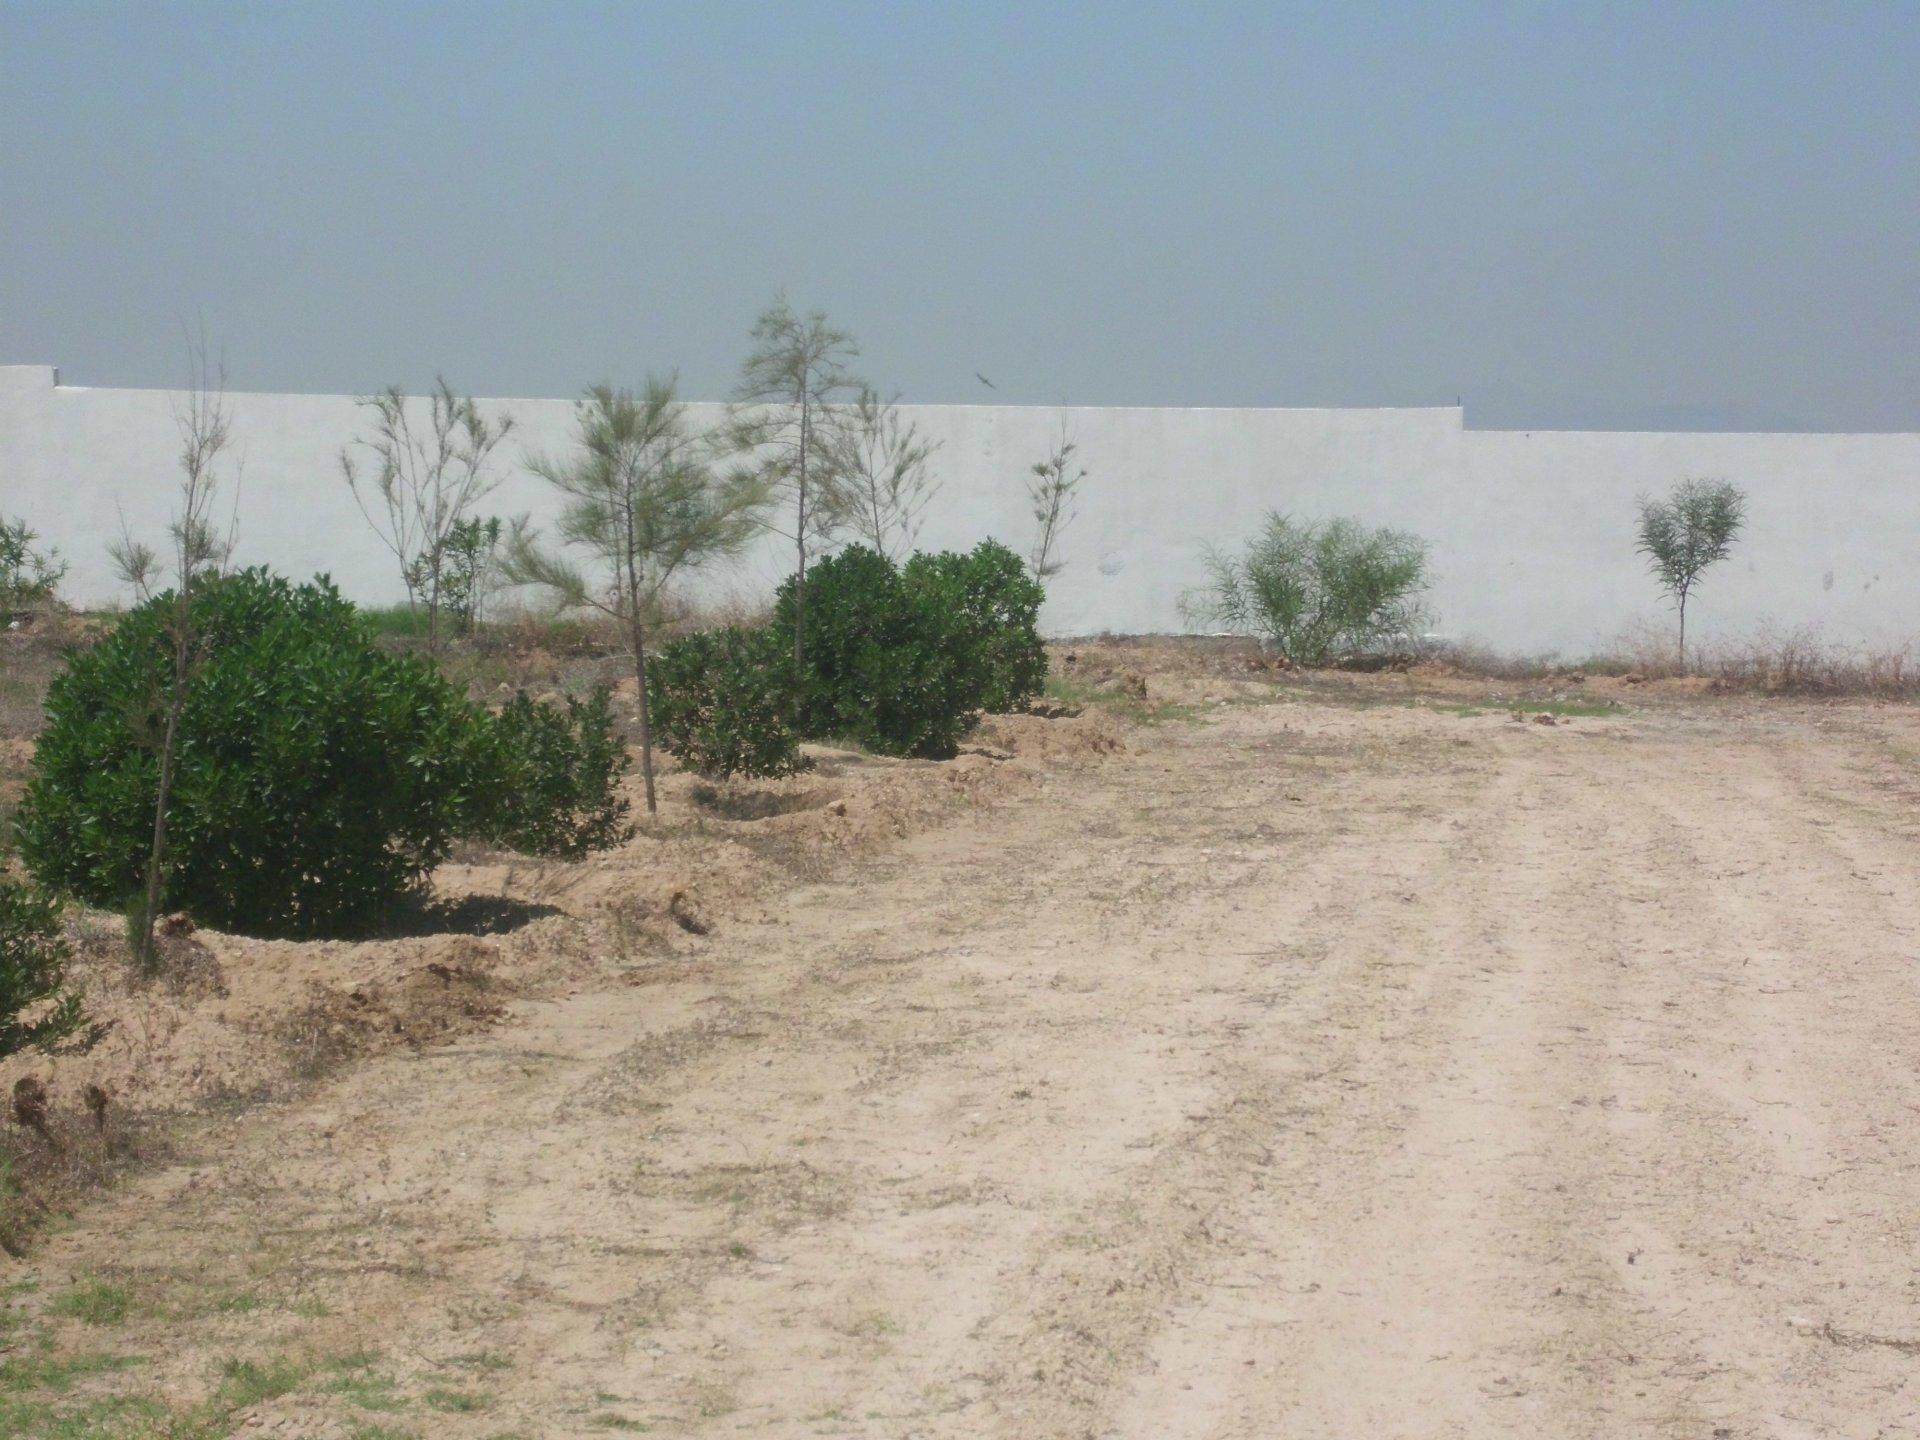 terrain loti à vendre à Hergla